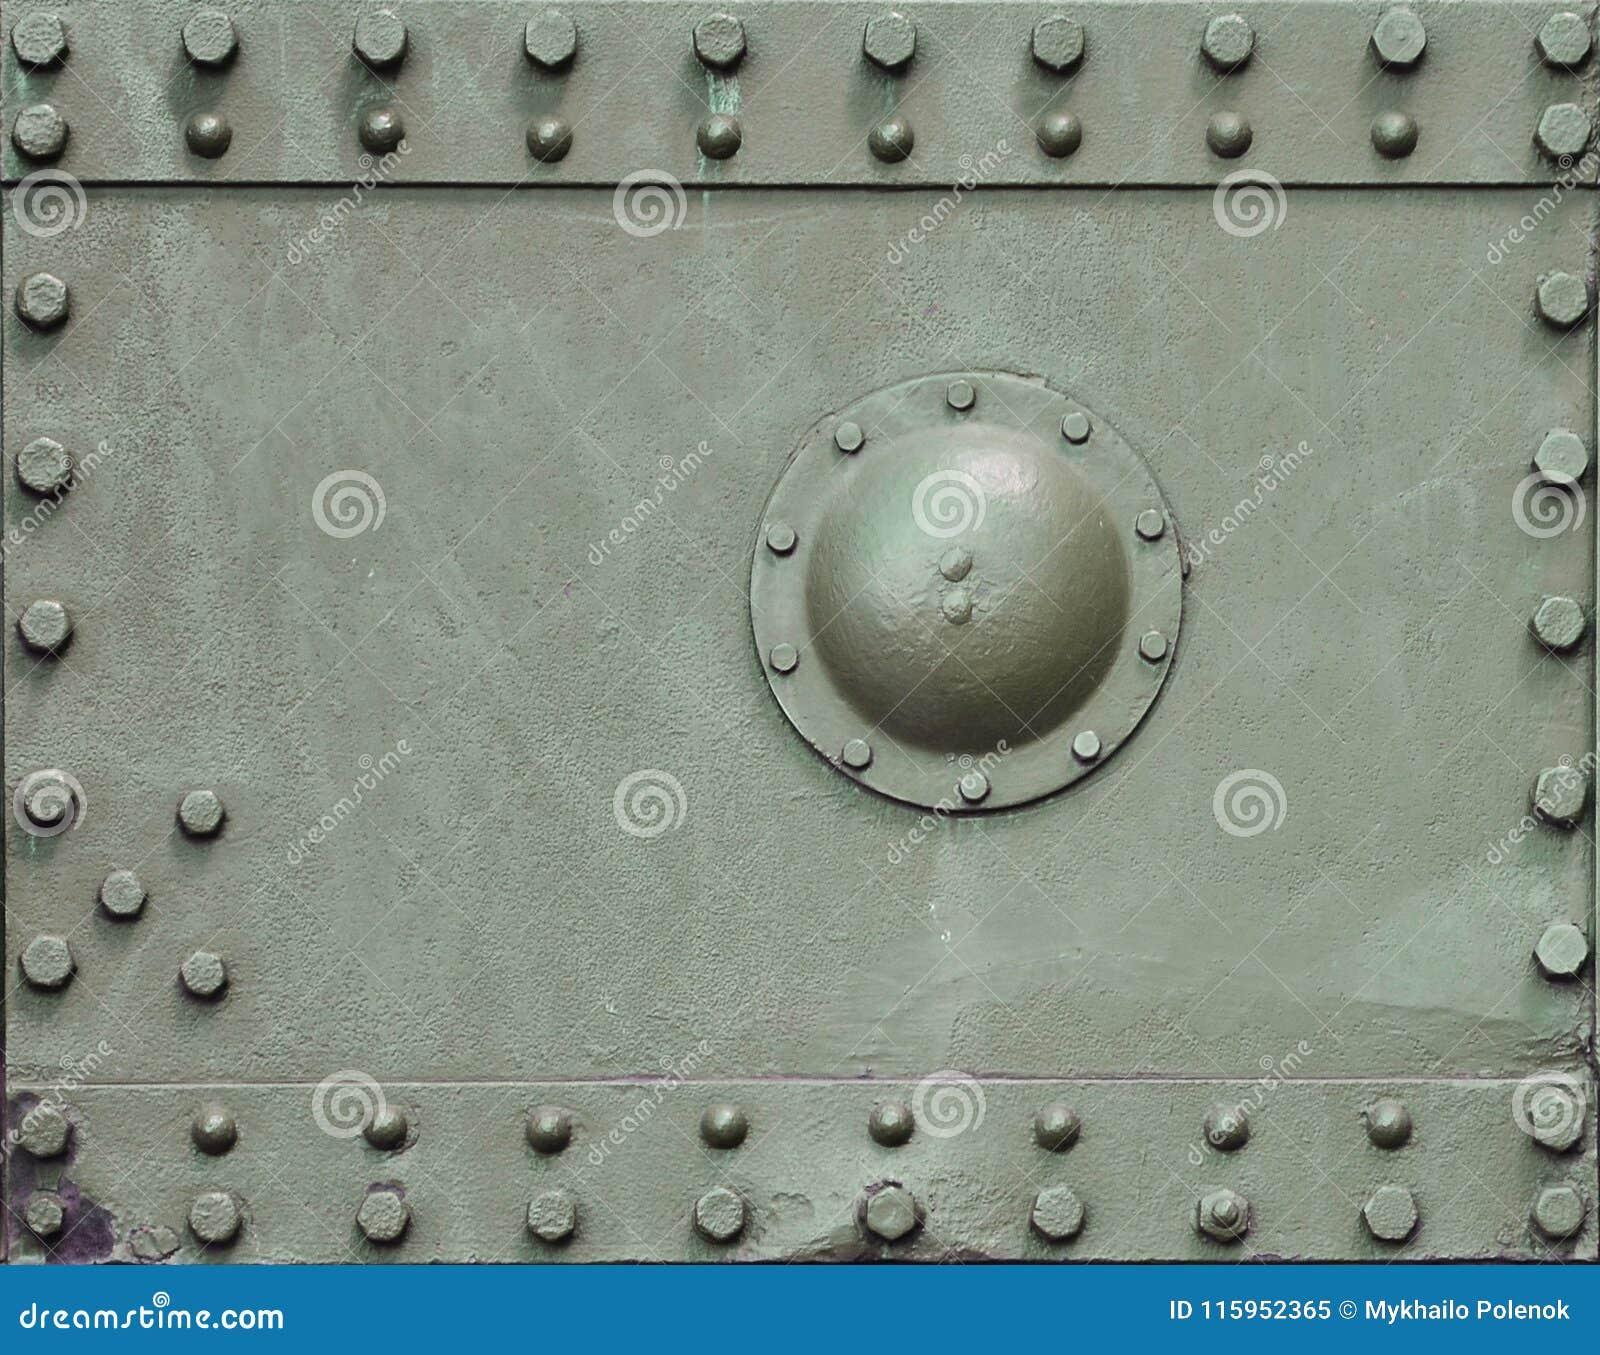 De textuur van de muur van de tank, van metaal wordt en met een massa bouten en klinknagels wordt versterkt gemaakt die die Beeld